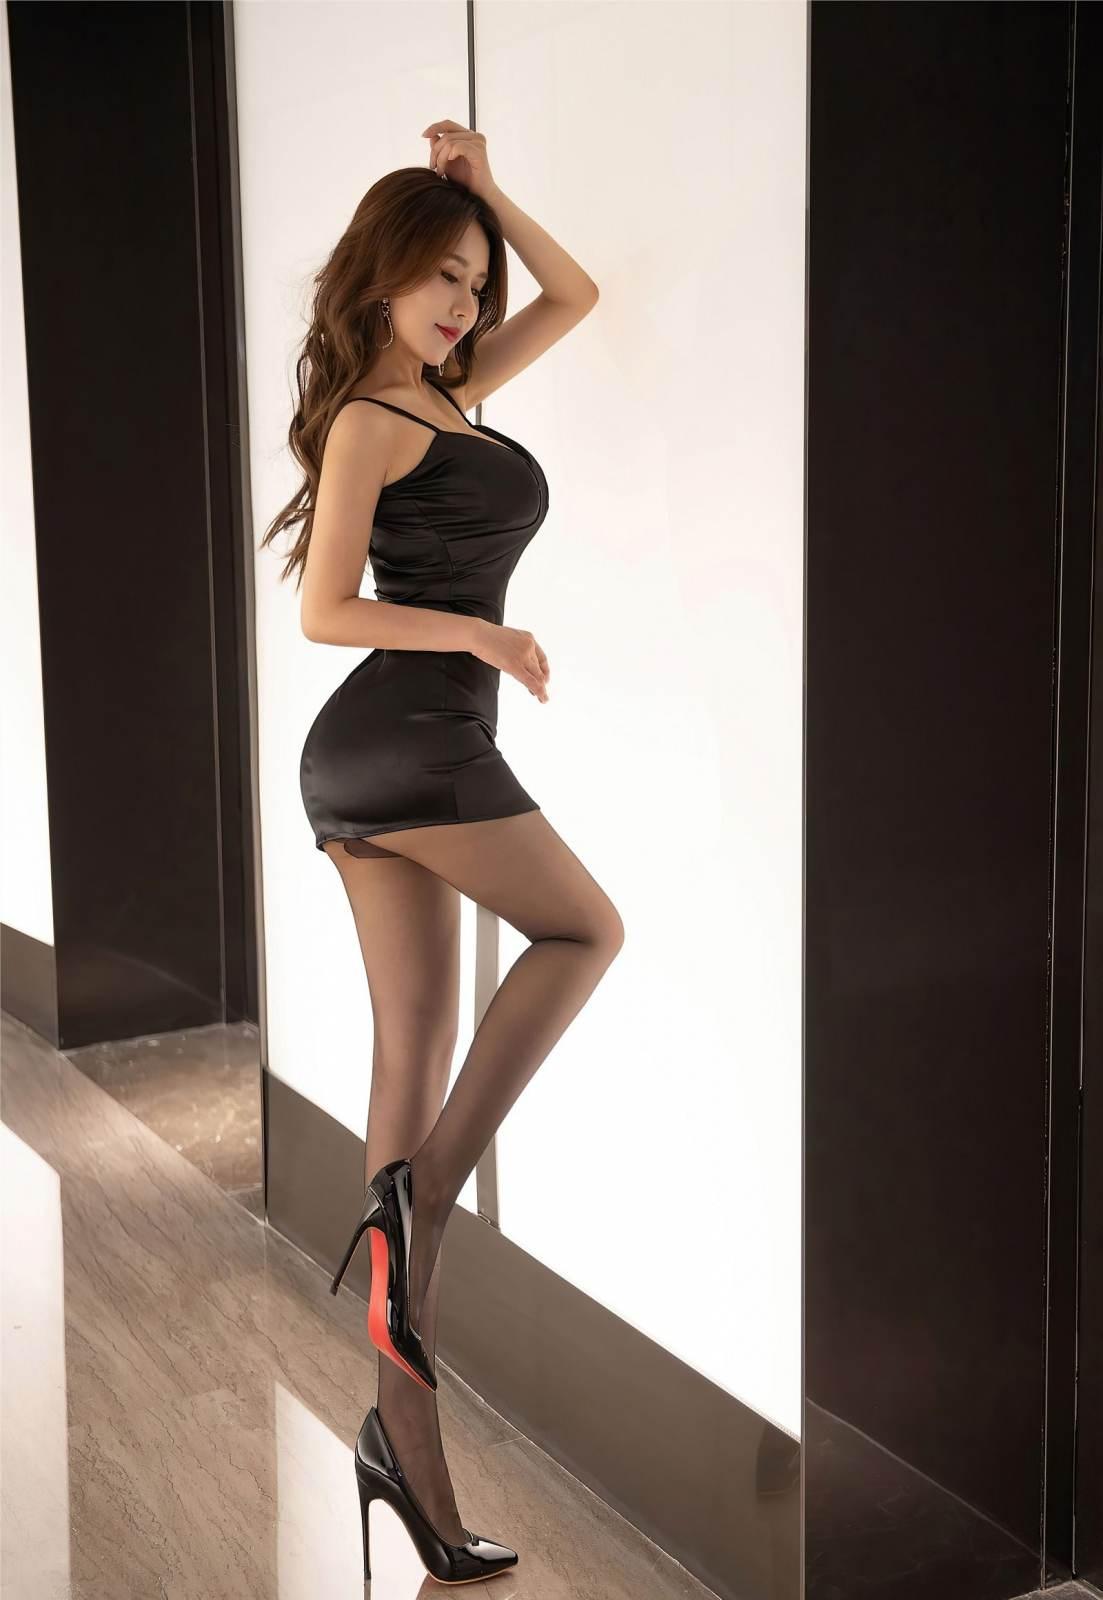 第334期肌理细腻骨肉匀。徐安安(黑丝,美腿,高跟,连体黑丝)_图片7